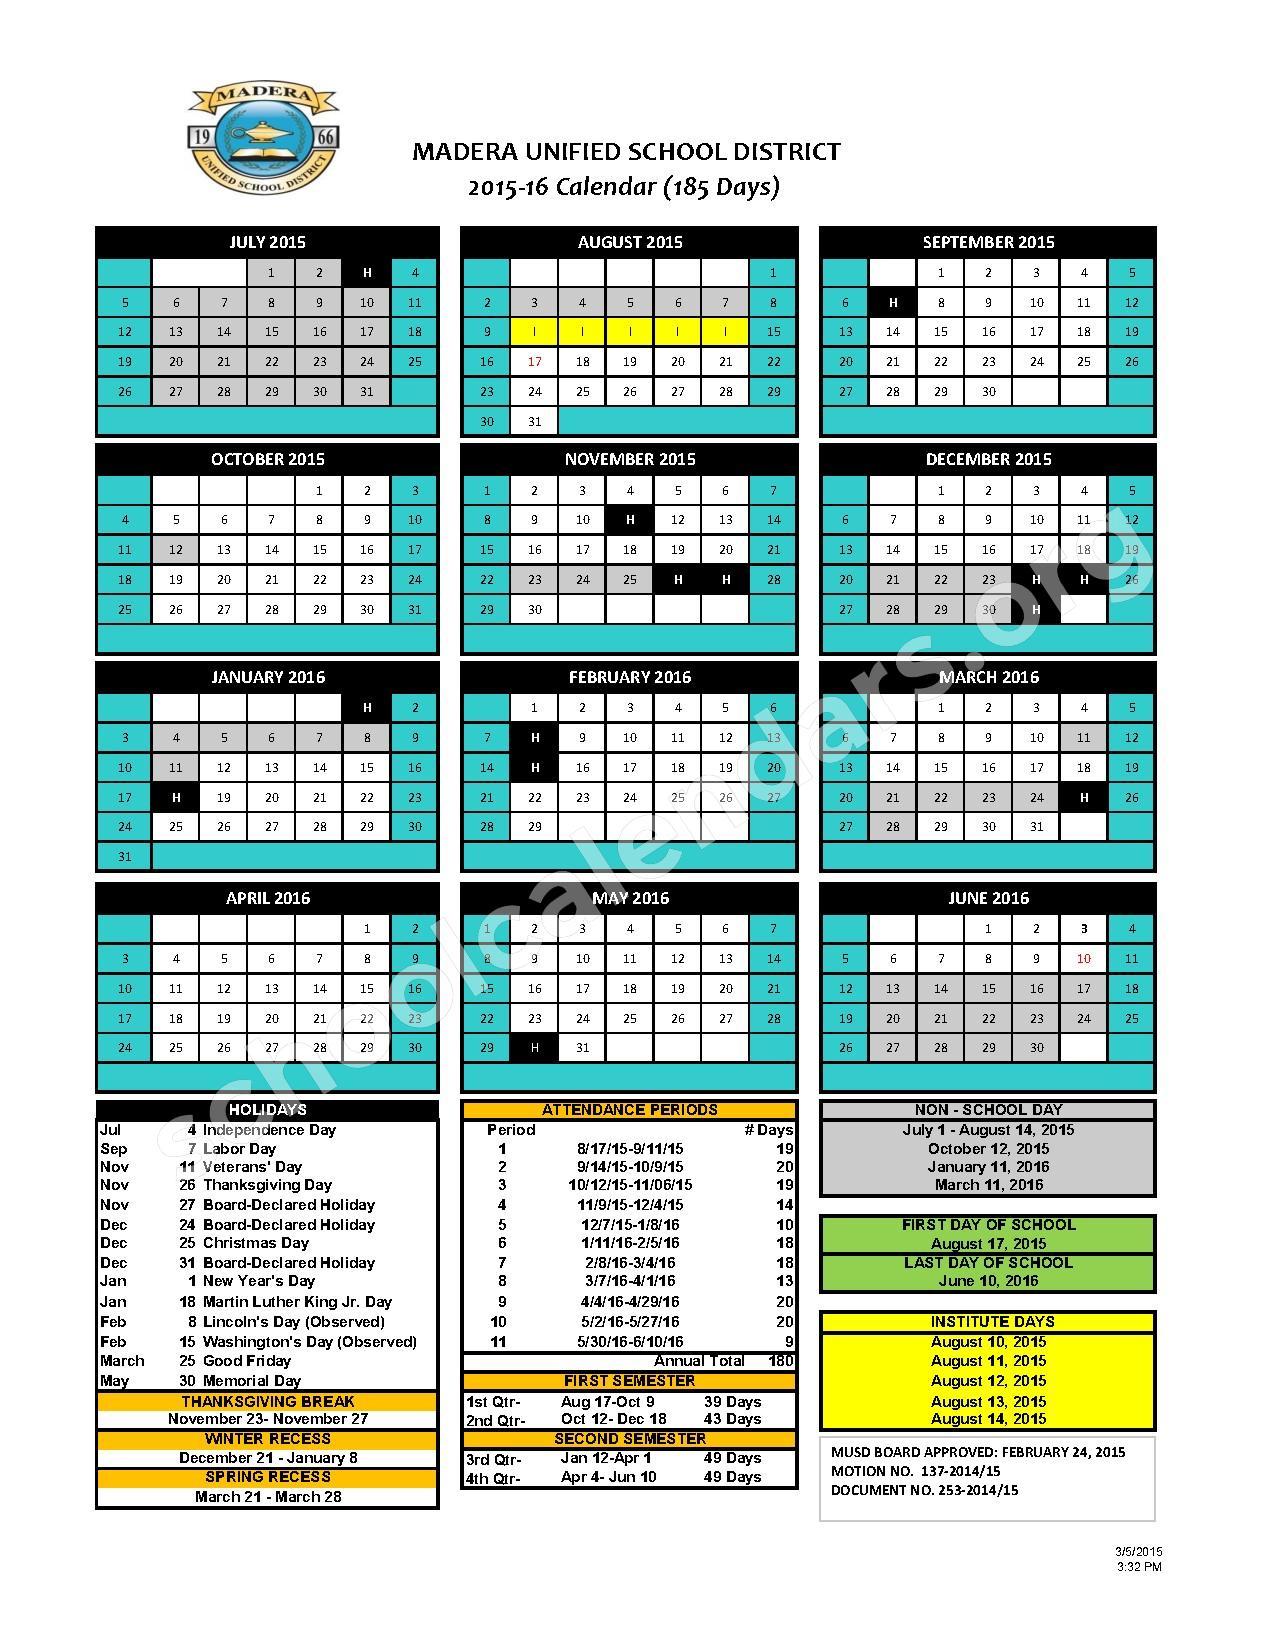 make your plans 2015 16 calendar is here jblog